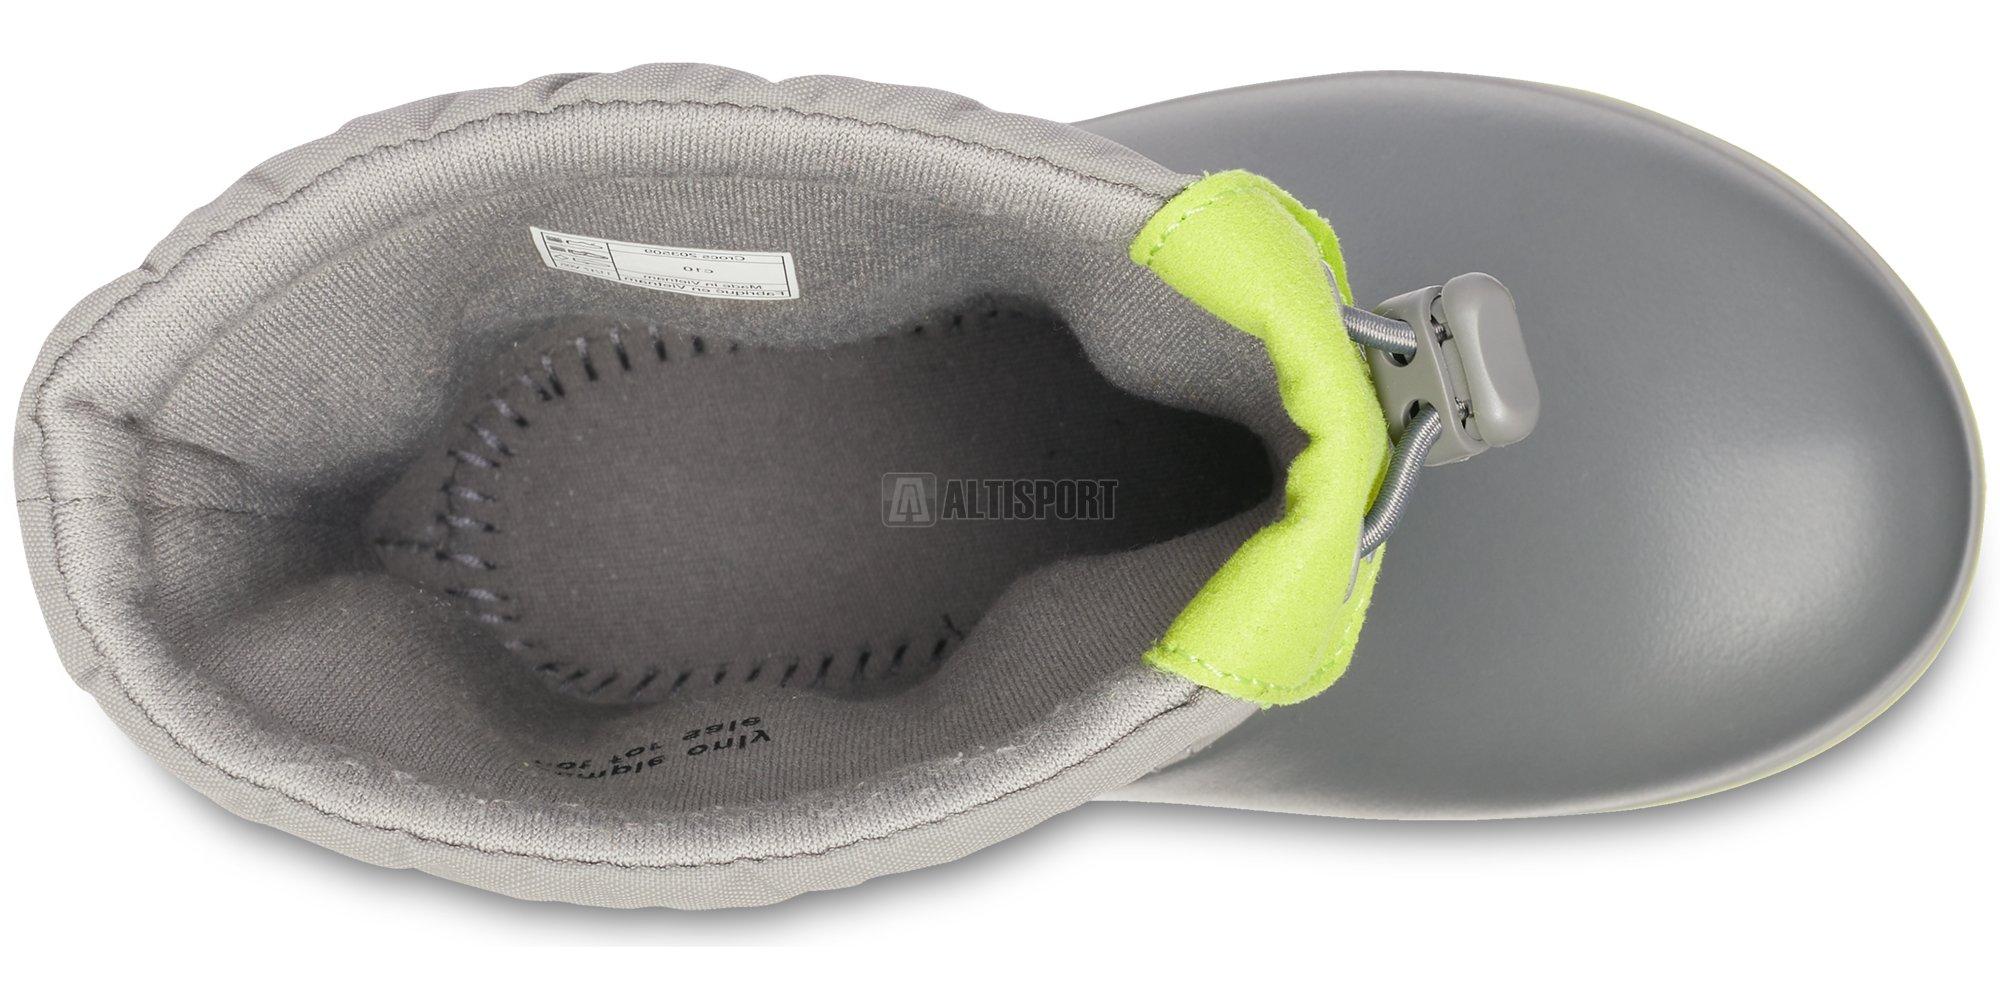 Dětské zimní boty CROCS KIDS CROCBAND LODGE POITN BOOT 203509-08G  CHARCOAL OCEAN 126a8fc1ab